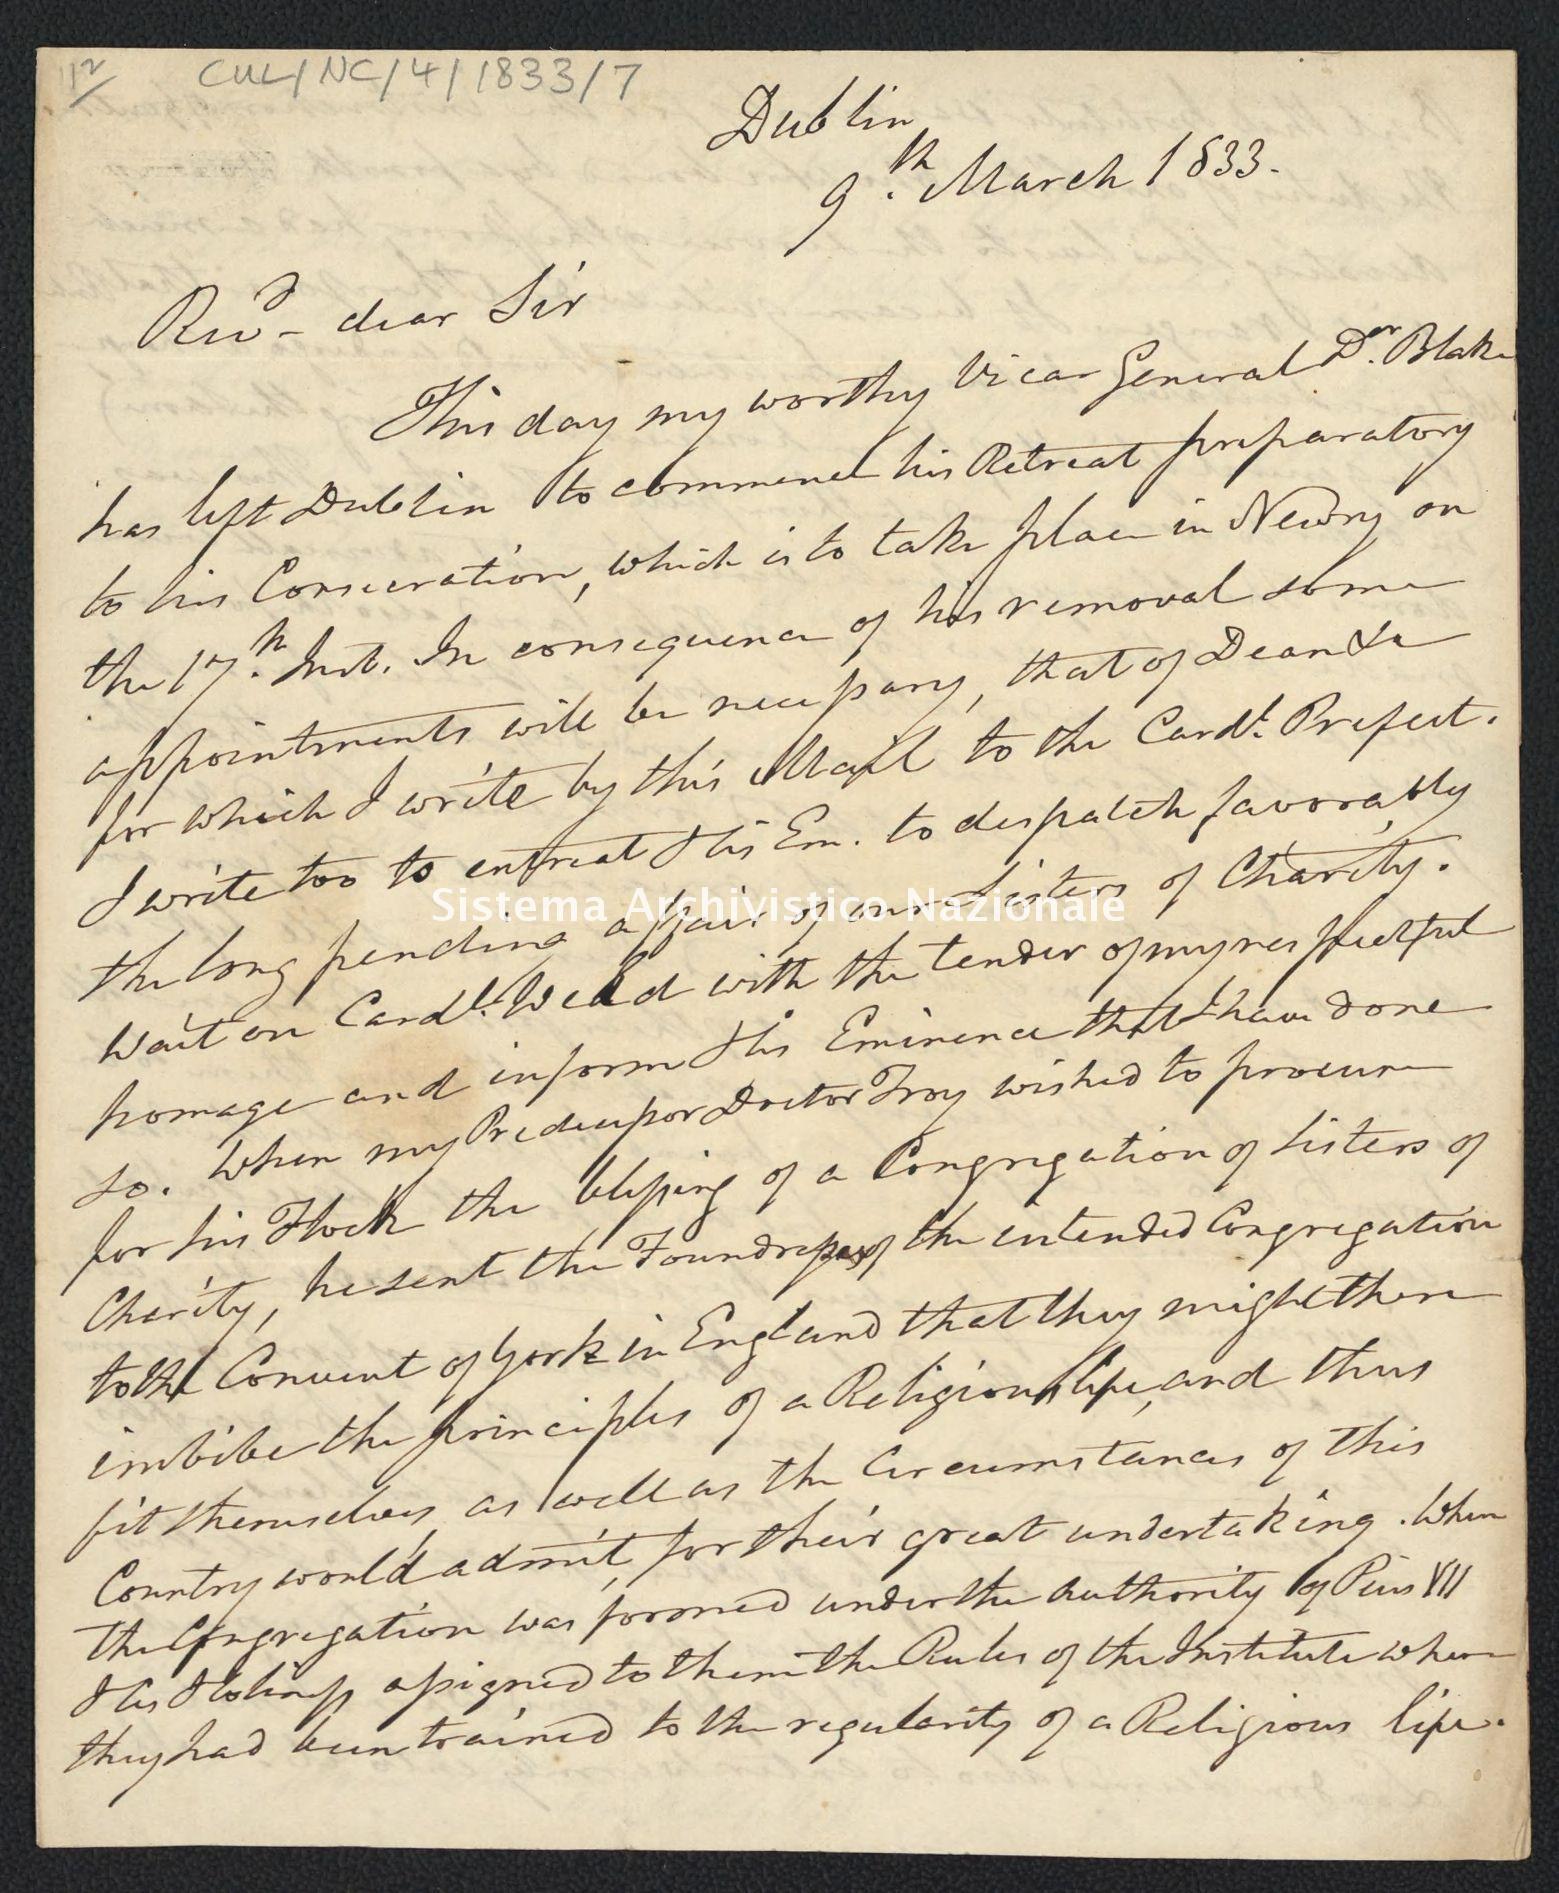 Pontificio Collegio Irlandese - CUL_NC_1833_7